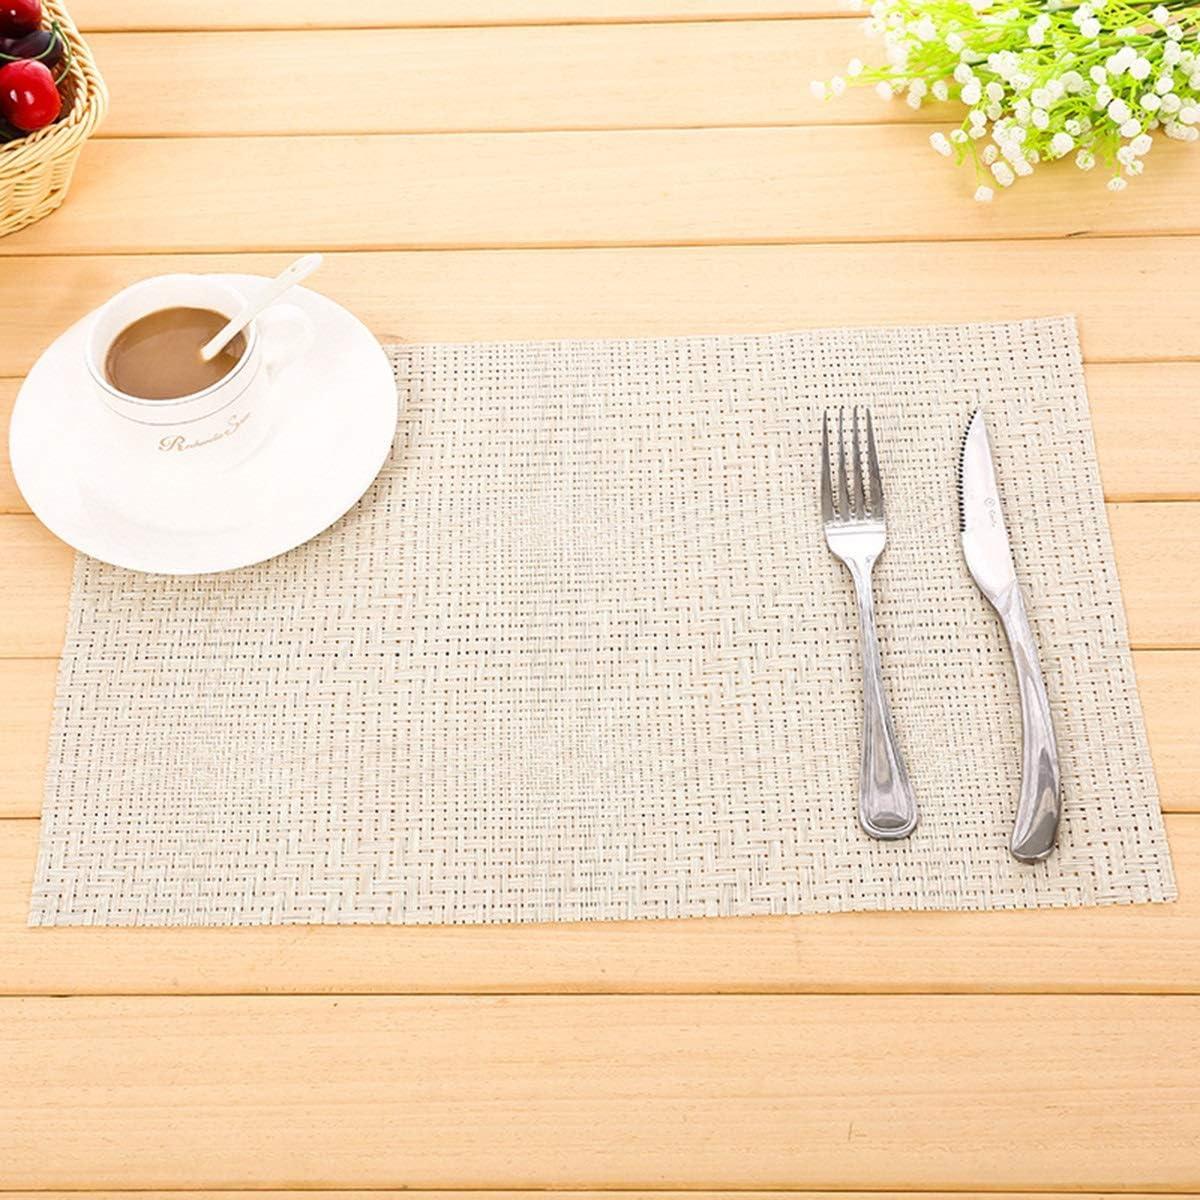 Compra Chennie Mesa de Comedor Esteras aislantes Manteles de Secado rápido Posavasos Antideslizantes Mesa de Cocina 12 * 16 Pulgadas (Color : White) en Amazon.es